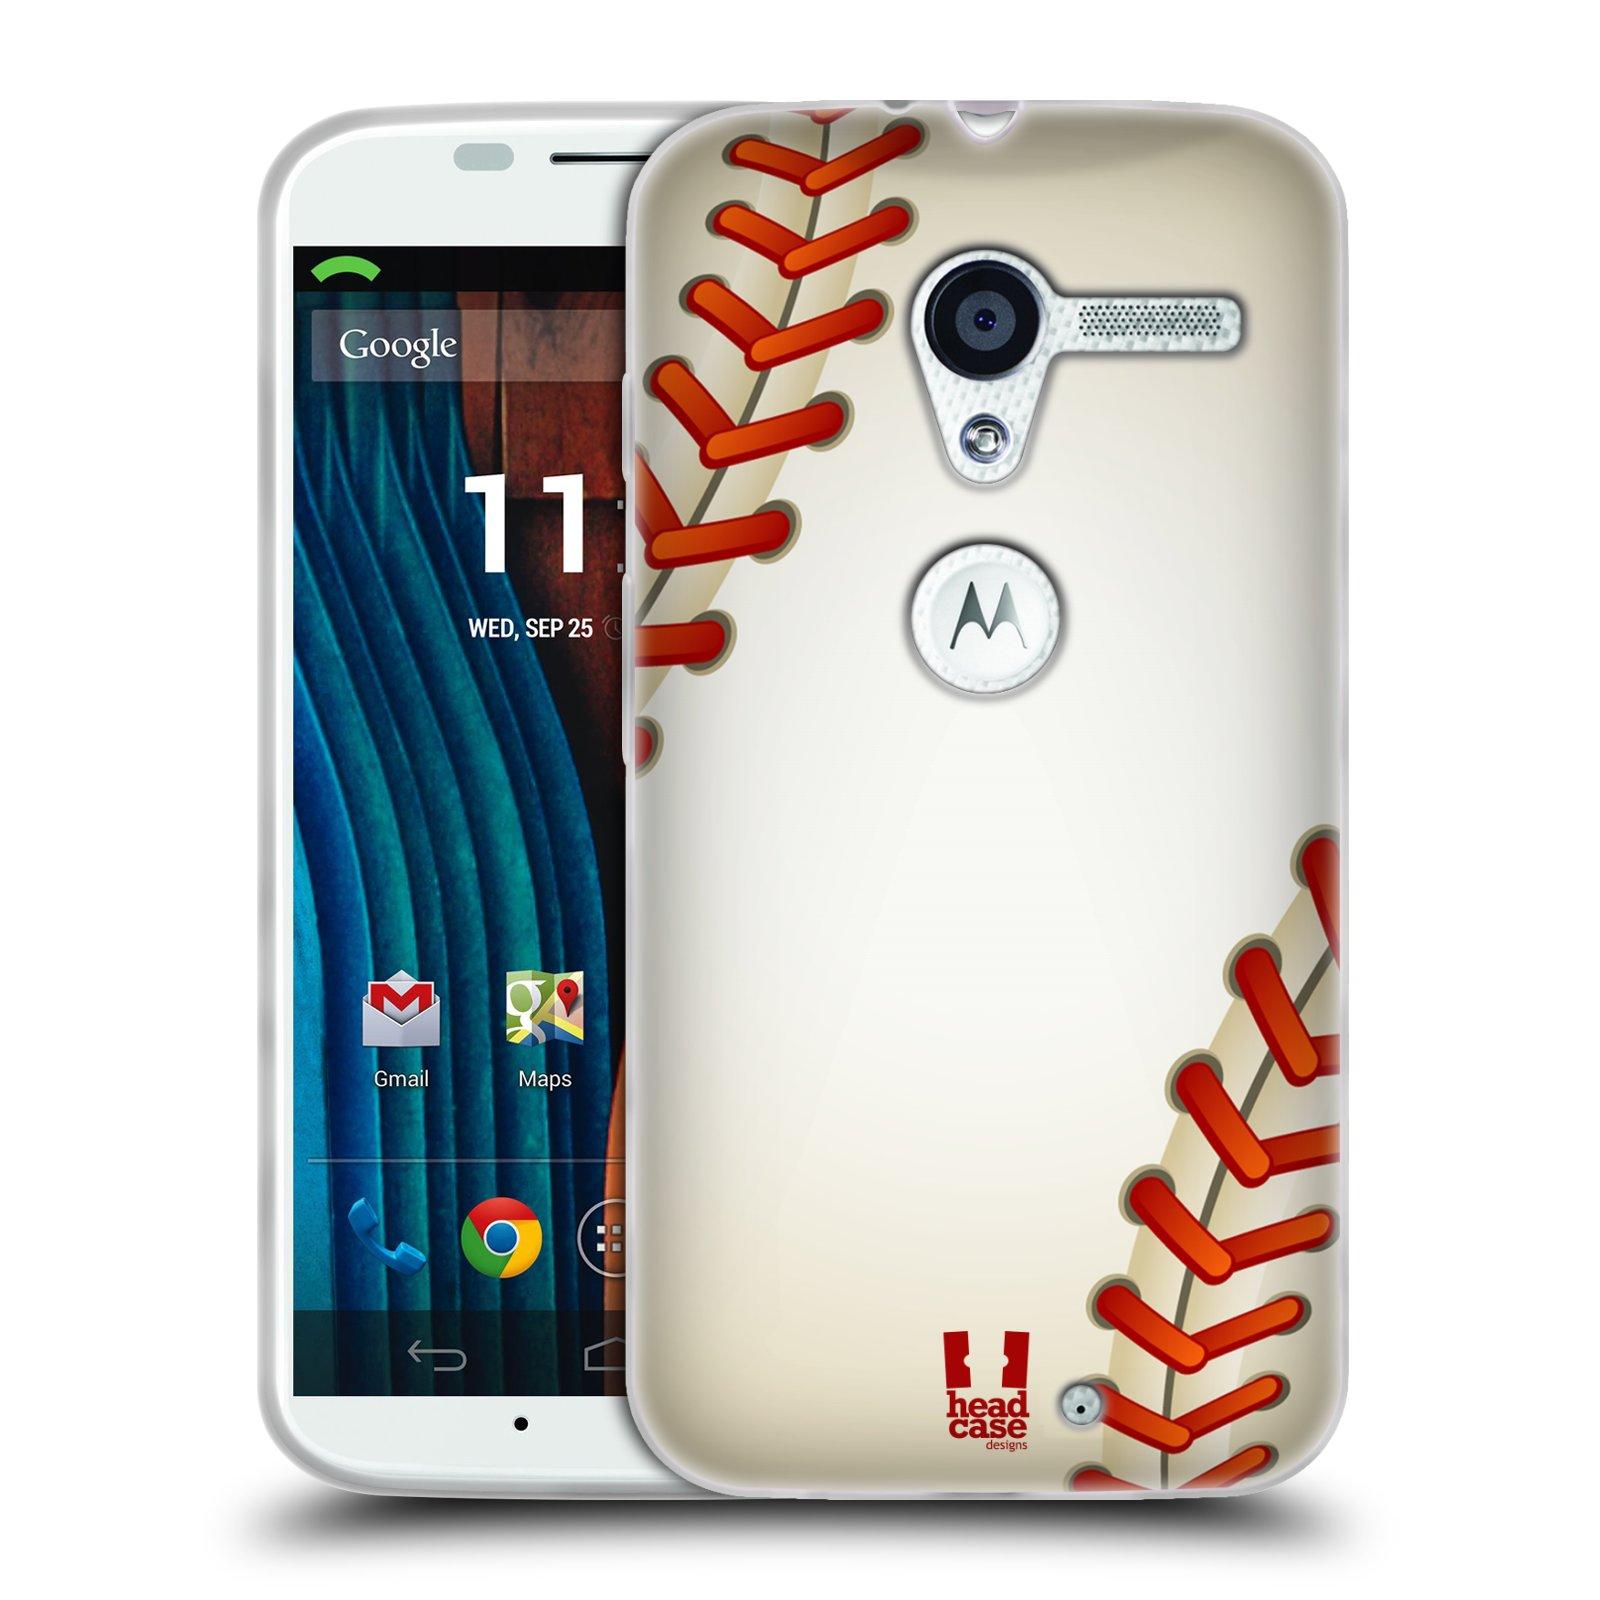 Silikonové pouzdro na mobil Motorola Moto X HEAD CASE KRIKEŤÁK (Silikonový kryt či obal na mobilní telefon Motorola Moto X)